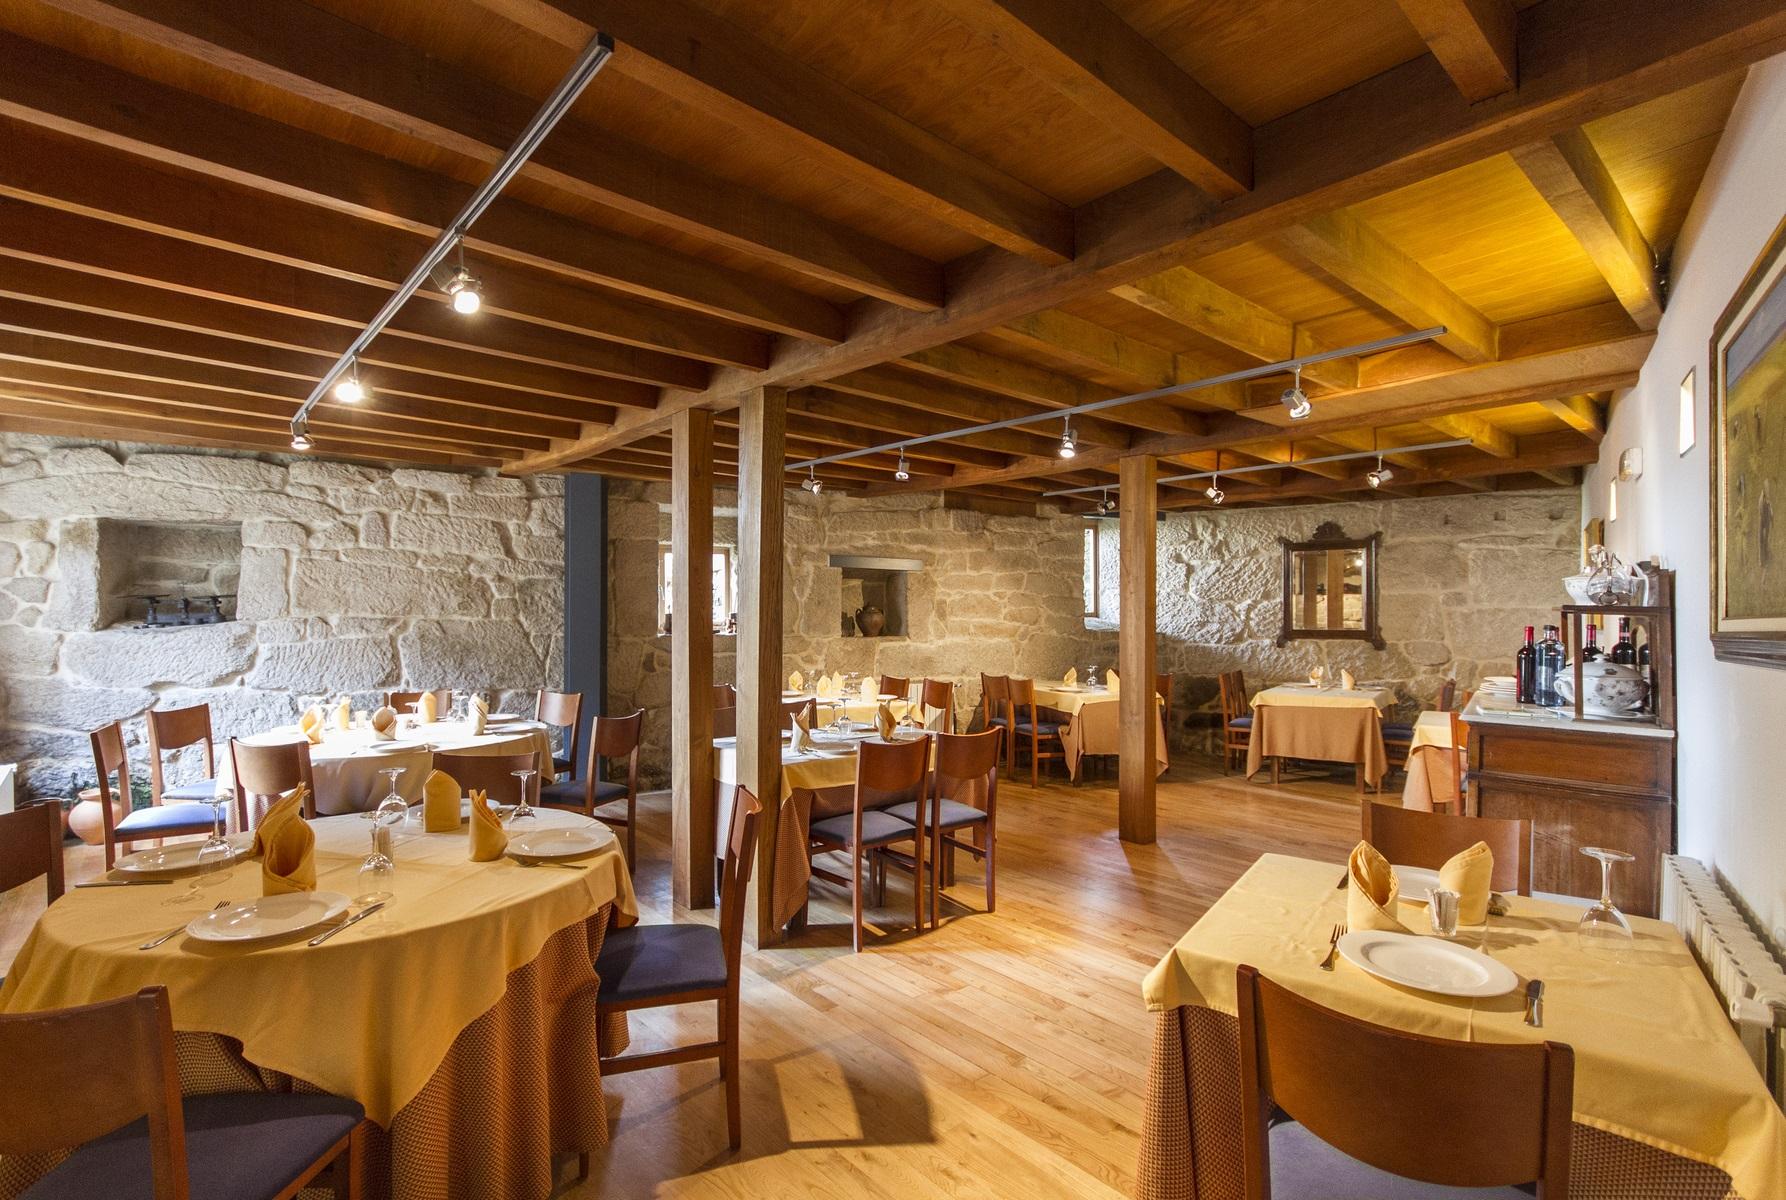 El restaurante casa rural vilaboa - Casas turismo rural galicia ...